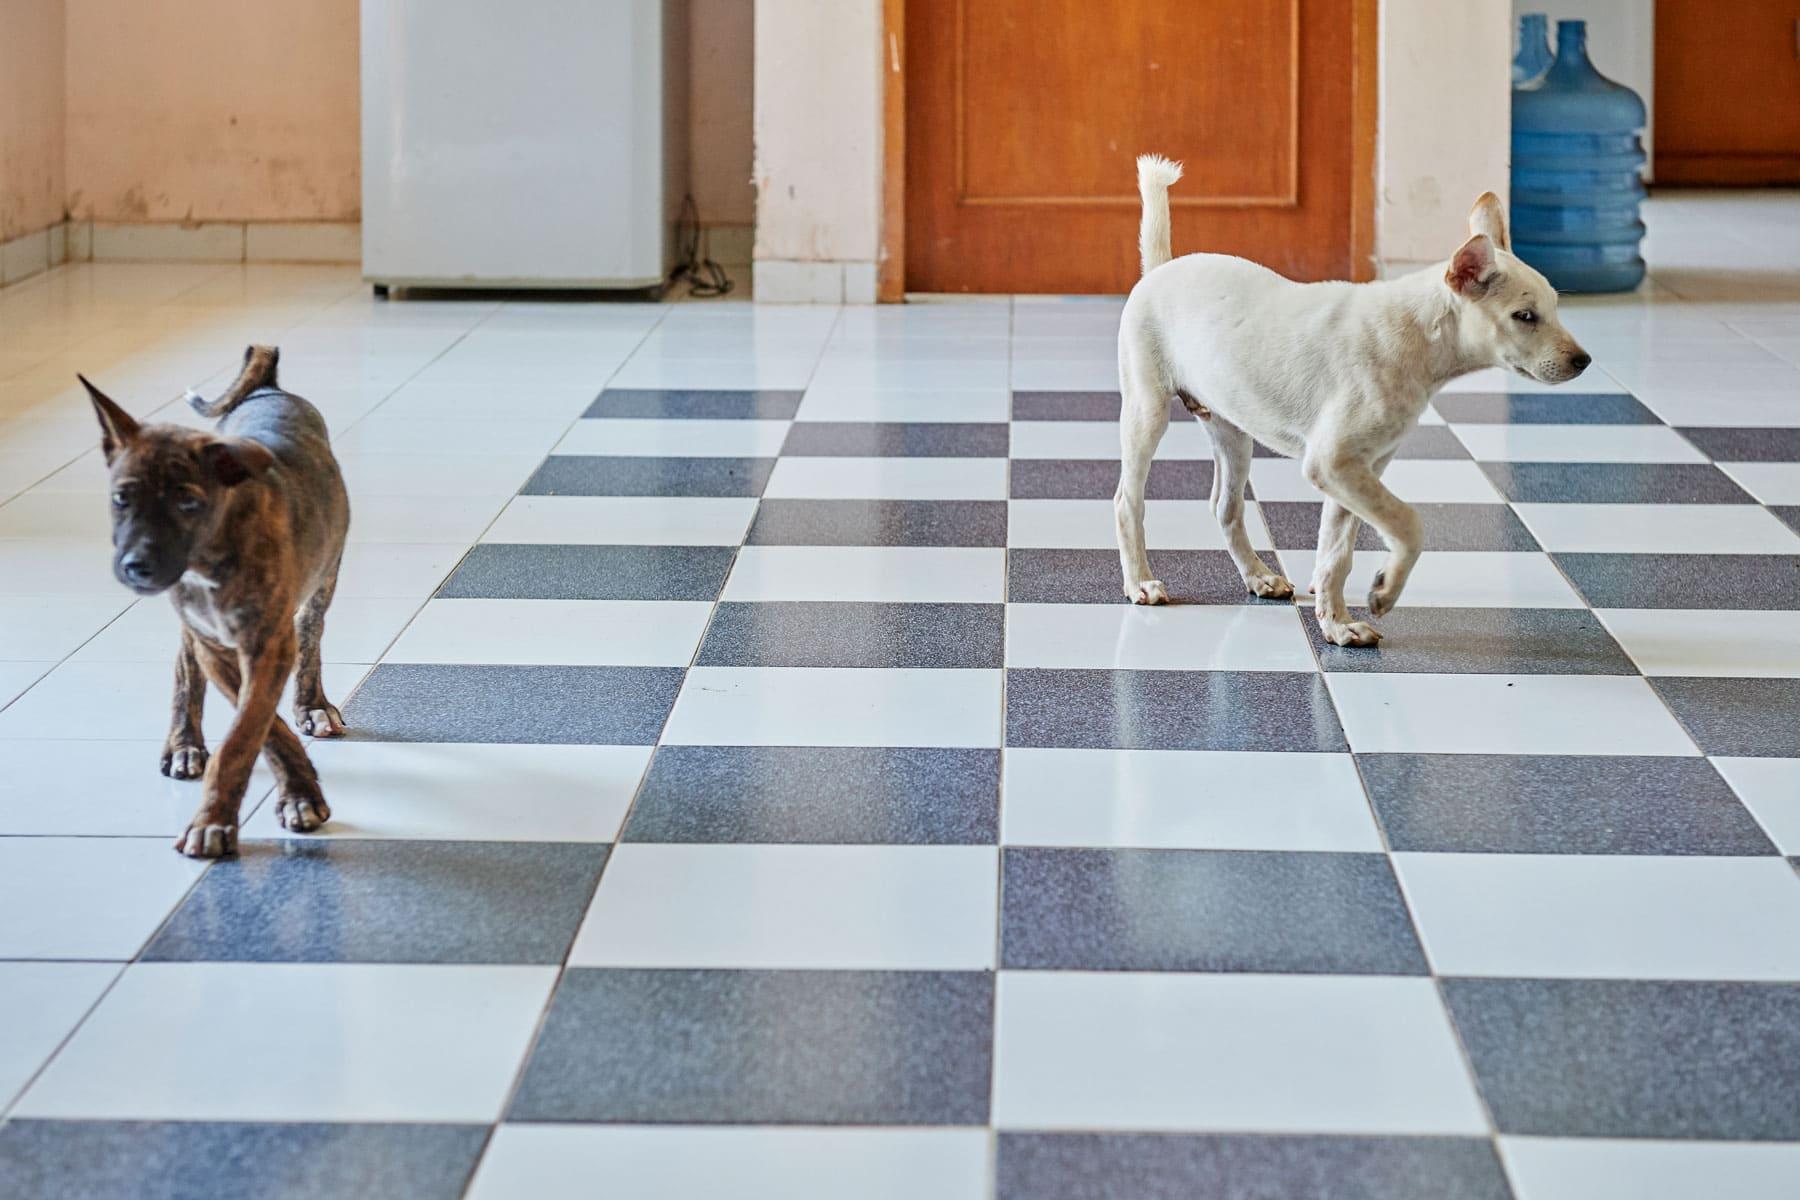 Bild zweier Hunde, die, als sie den Fotografen sehen, jeweils die Richtung wechseln